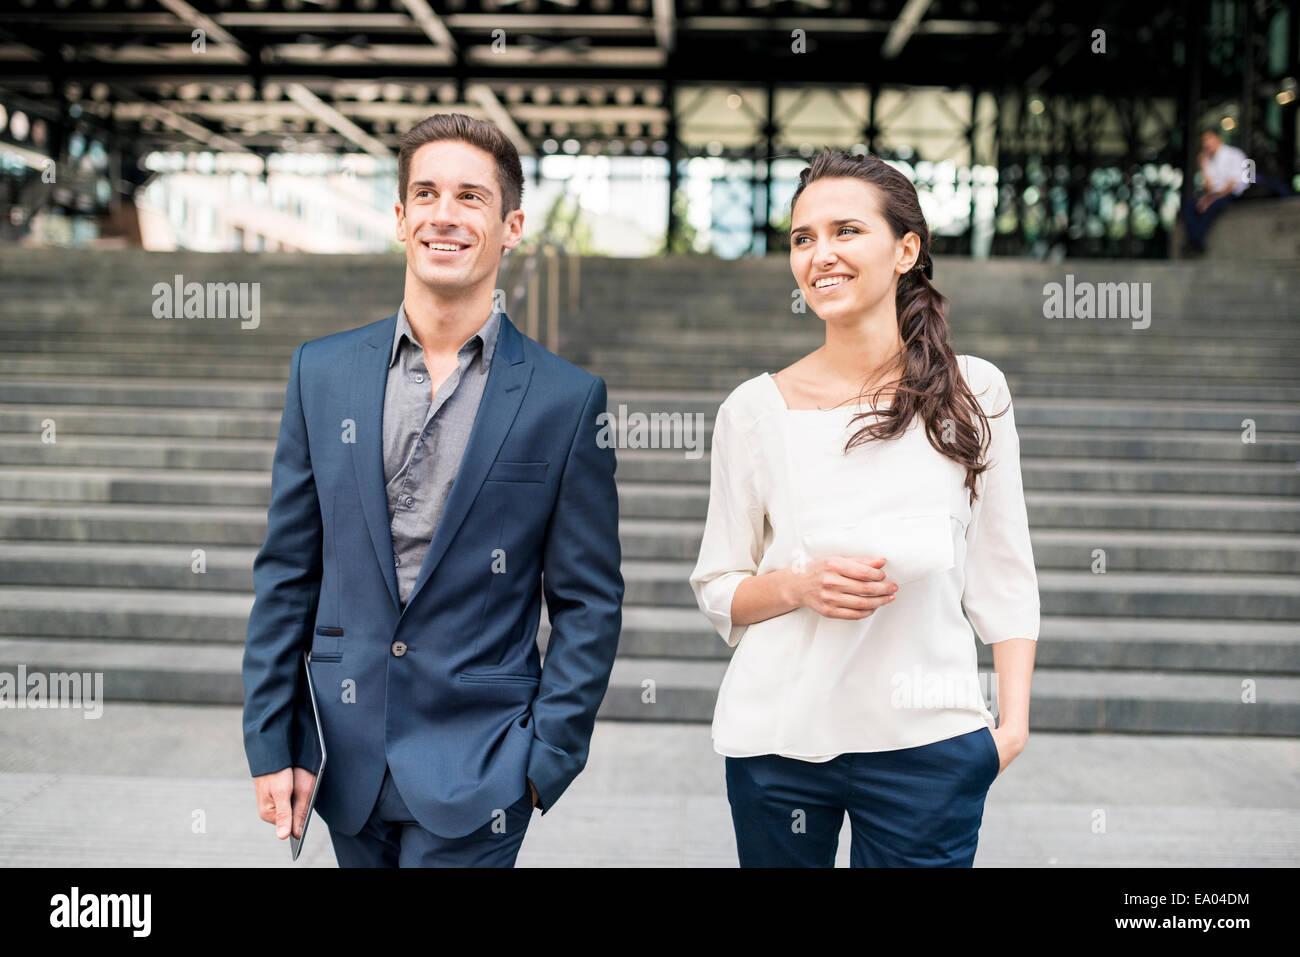 Geschäftsfrau und Mann im Chat beim gehen, London, UK Stockbild